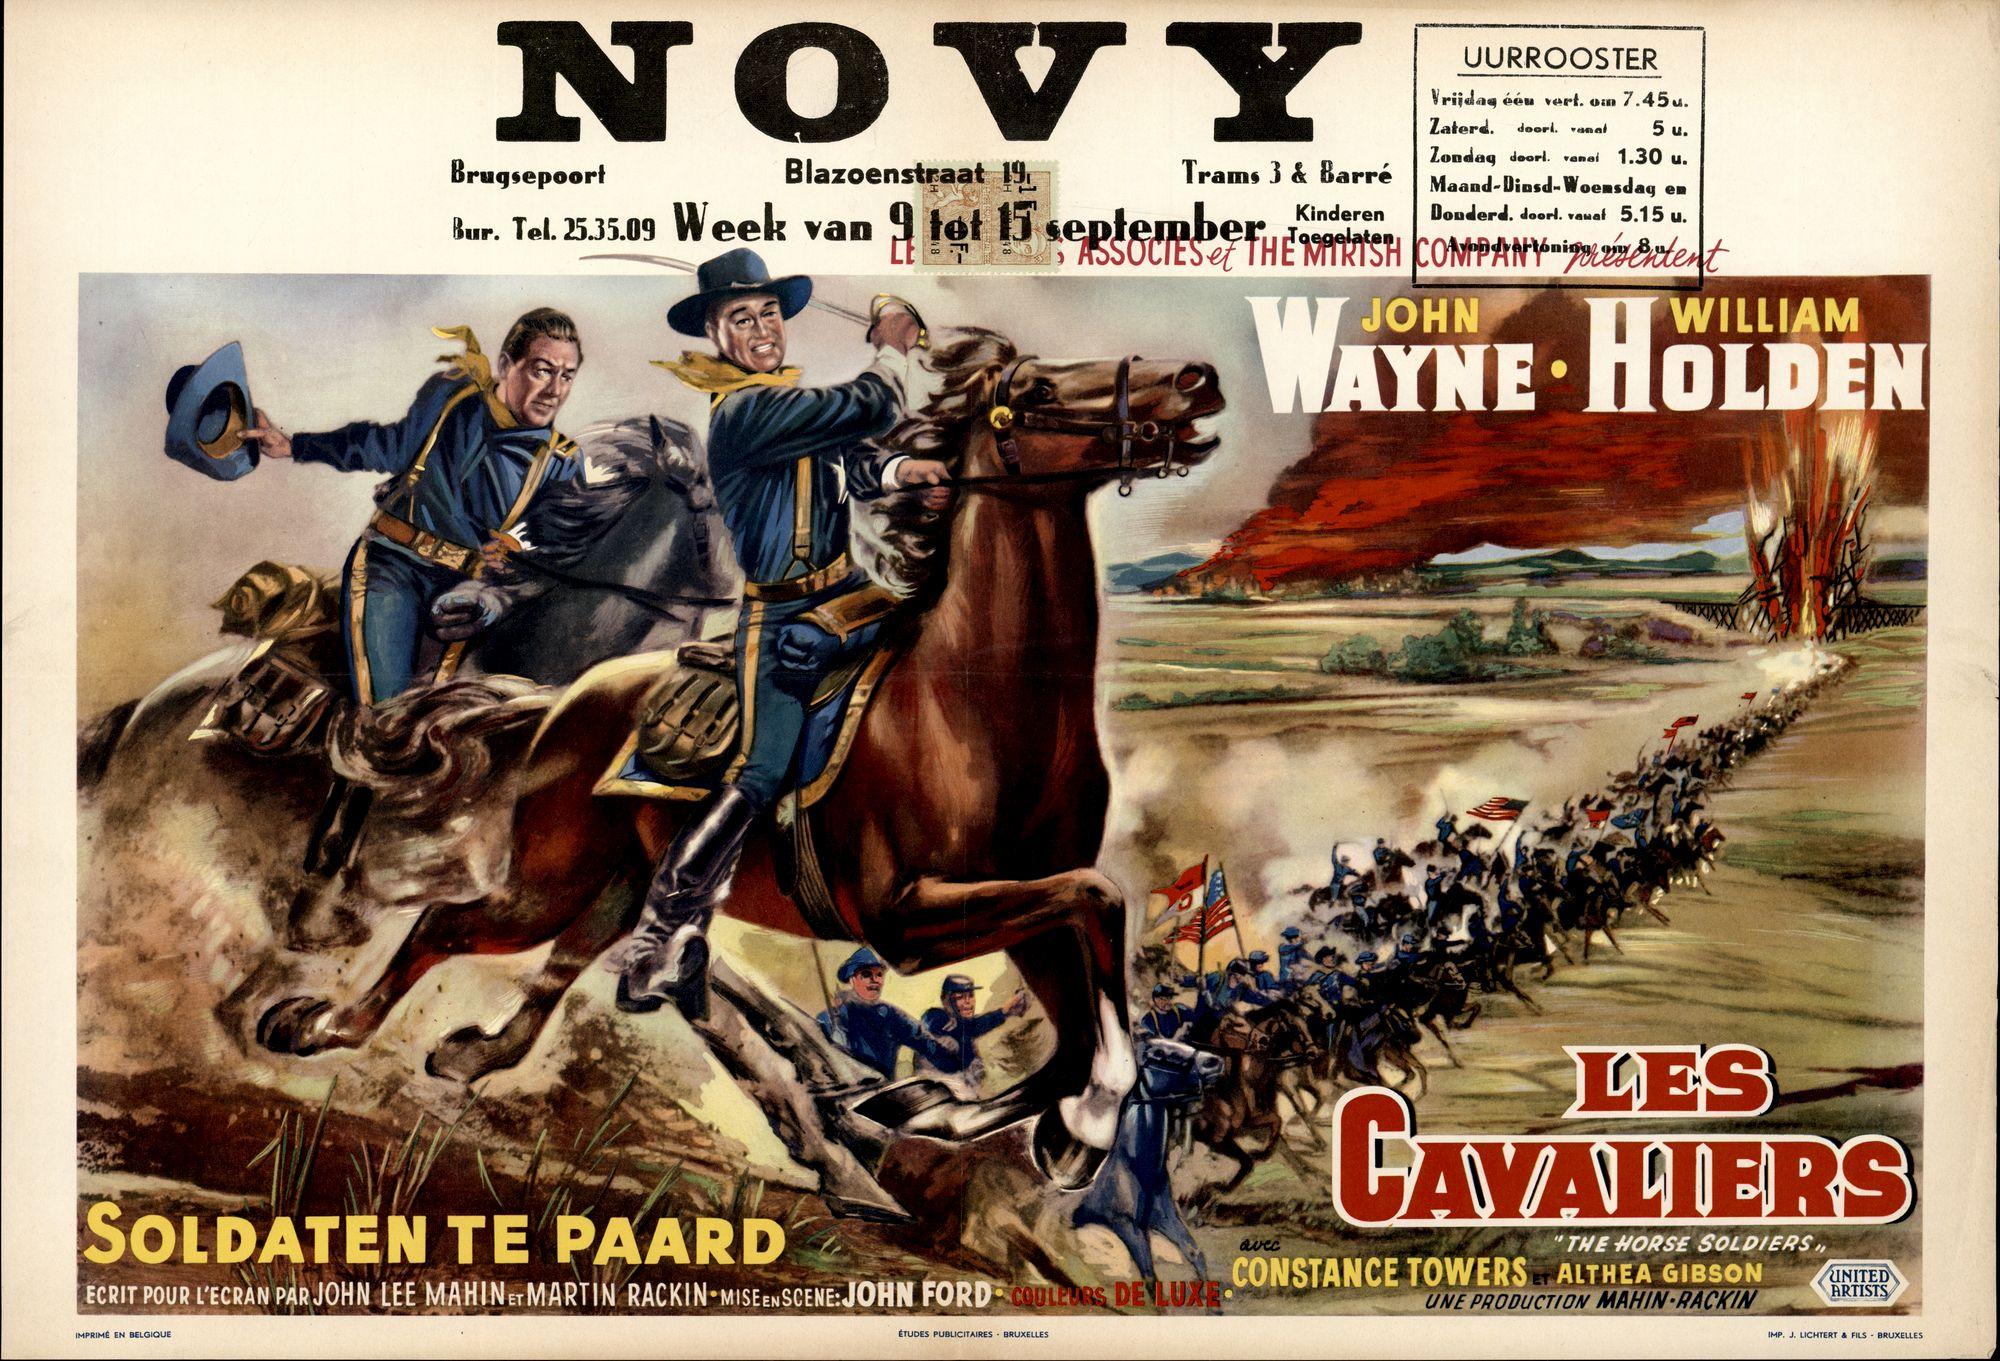 Les Cavaliers | Soldaten te Paard | The Hors Soldiers, Novy, Gent, 9 - 15 september 1960